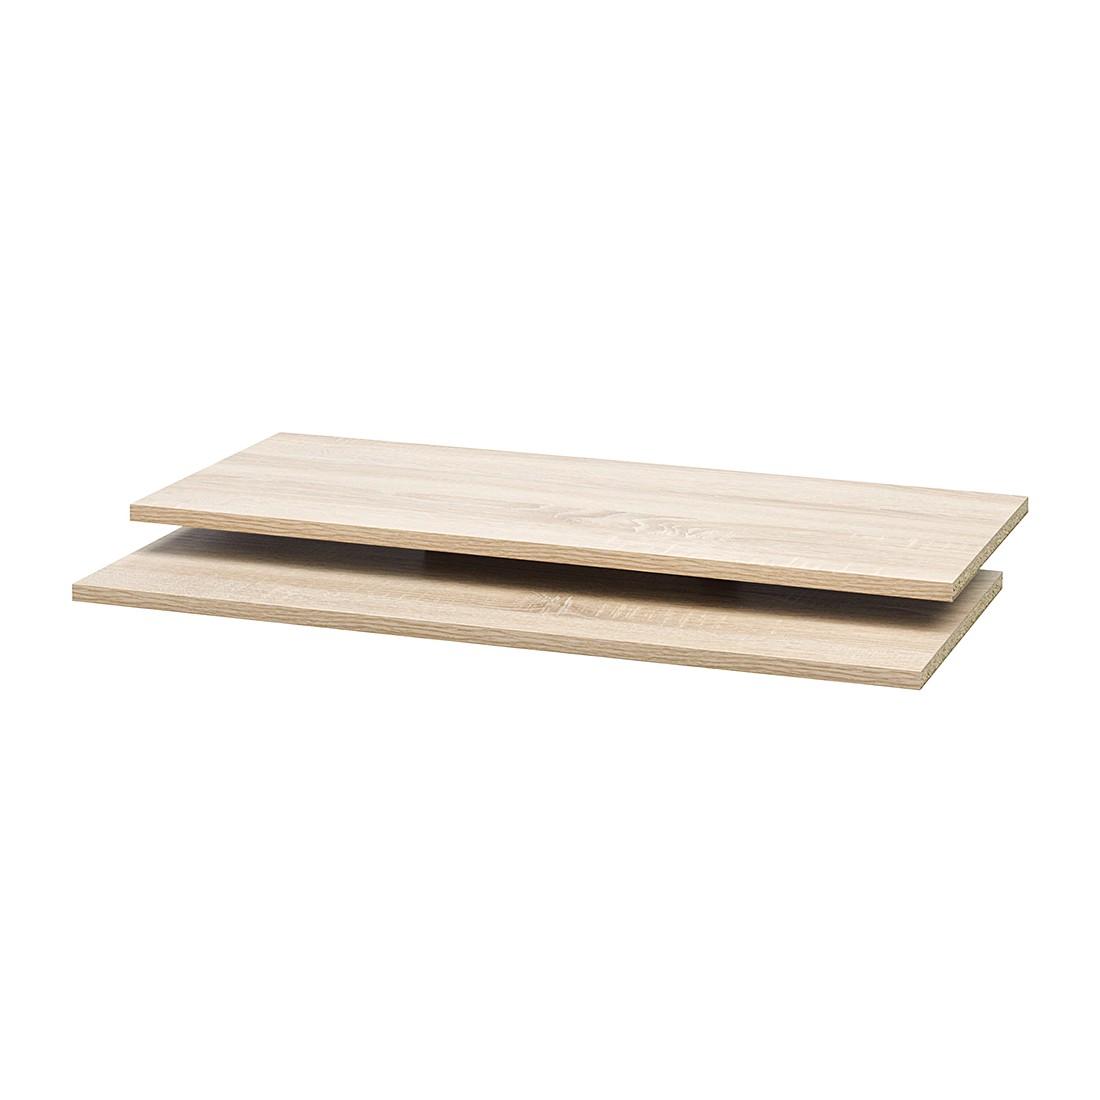 Einlegeboden Soft Smart II (2er-Set) – Eiche Dekor – für 120 cm Breite / 61 cm Tiefe, CS Schmal bestellen